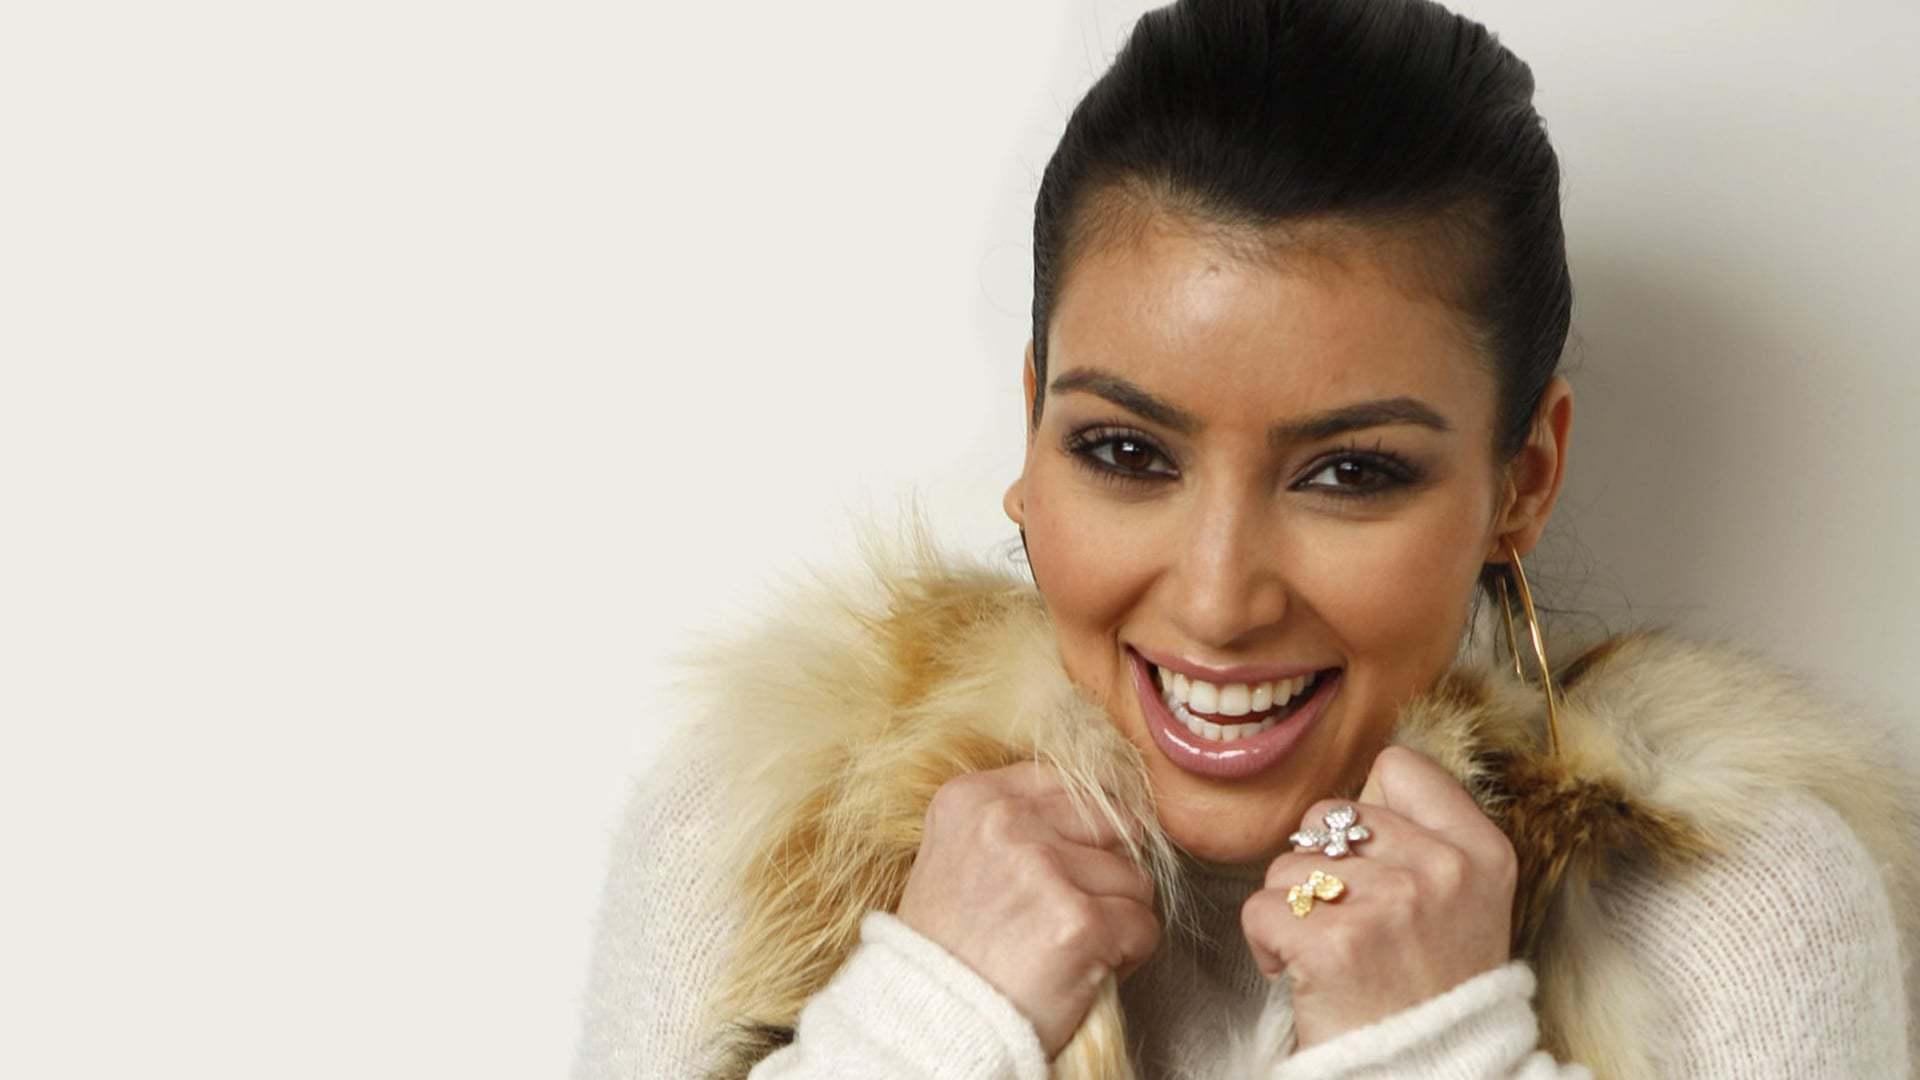 Kim Kardashian Free Hd Wallpapers